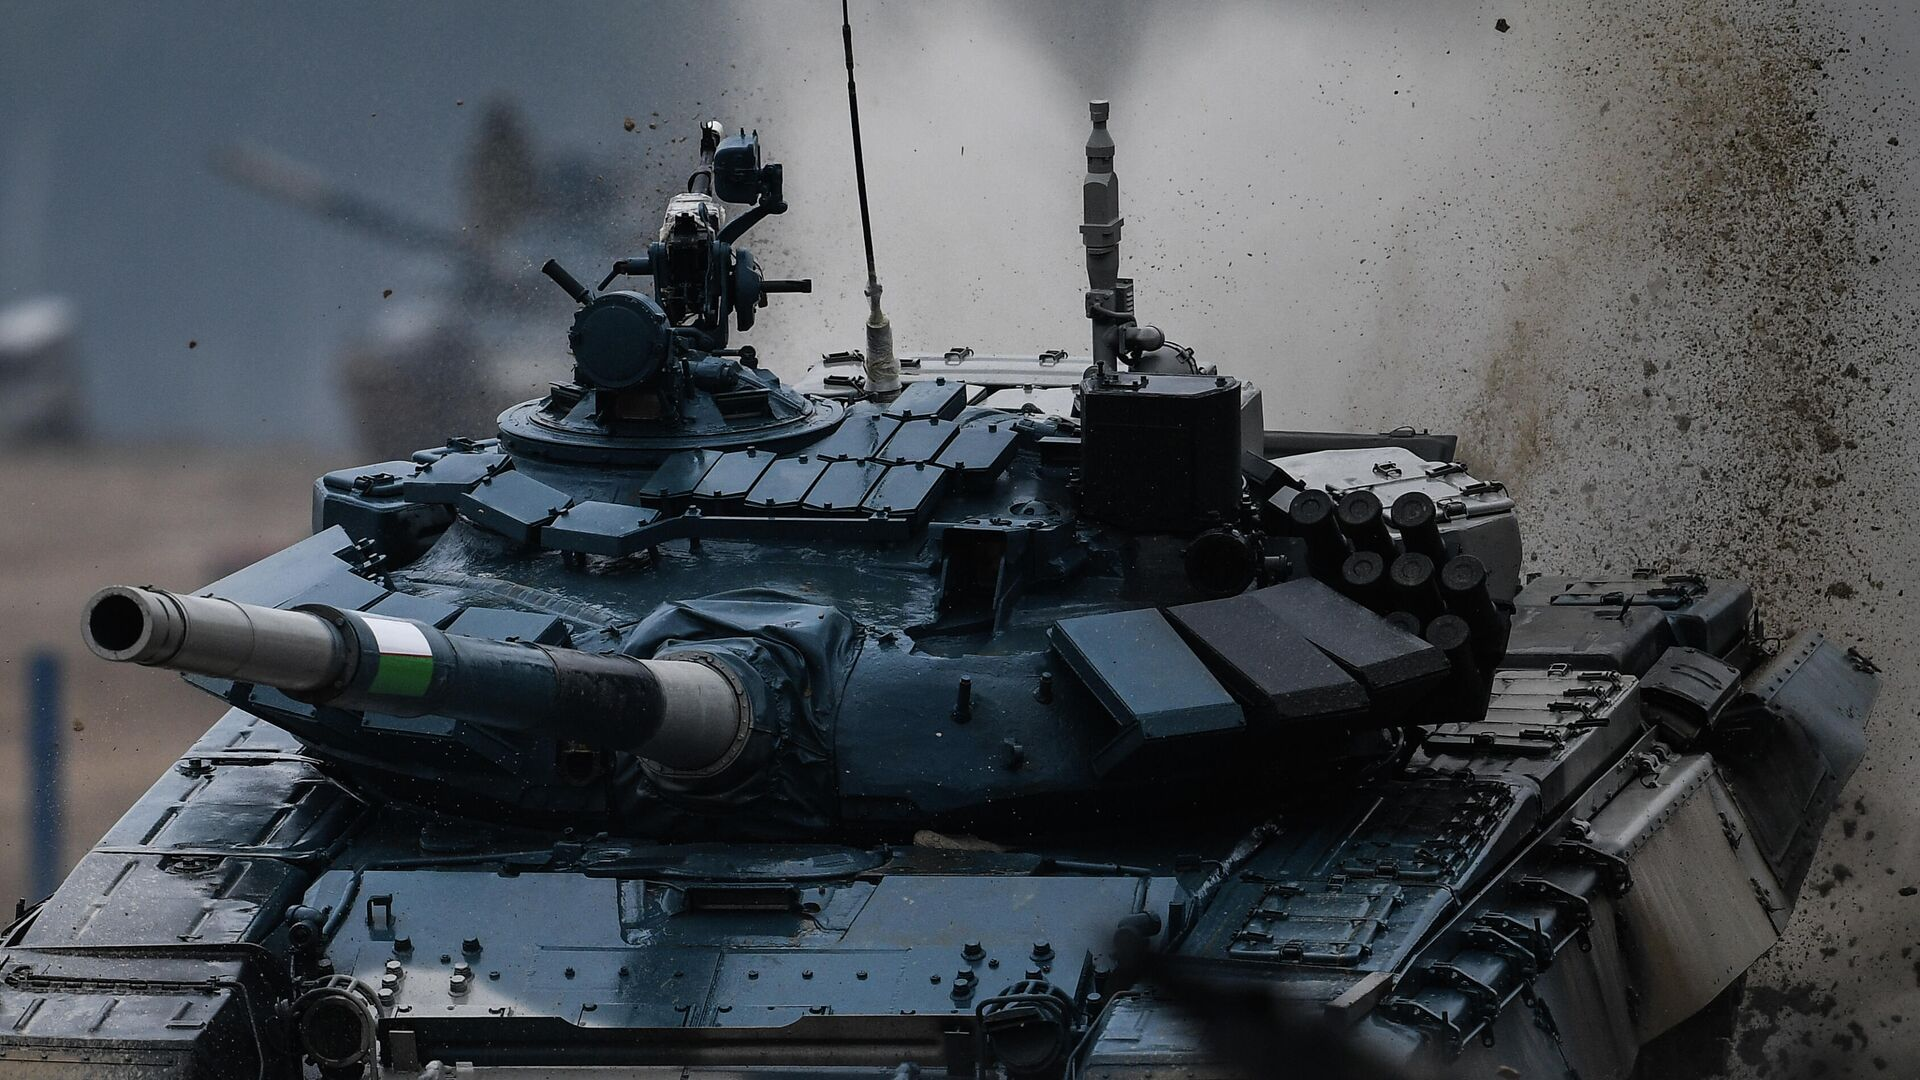 Танк Т-72 команды военнослужащих Узбекистана во время соревнований танковых экипажей в рамках конкурса Танковый биатлон-2020 на полигоне Алабино в Подмосковье в третий день VI Армейских международных игр АрМИ-2020 - РИА Новости, 1920, 01.10.2020